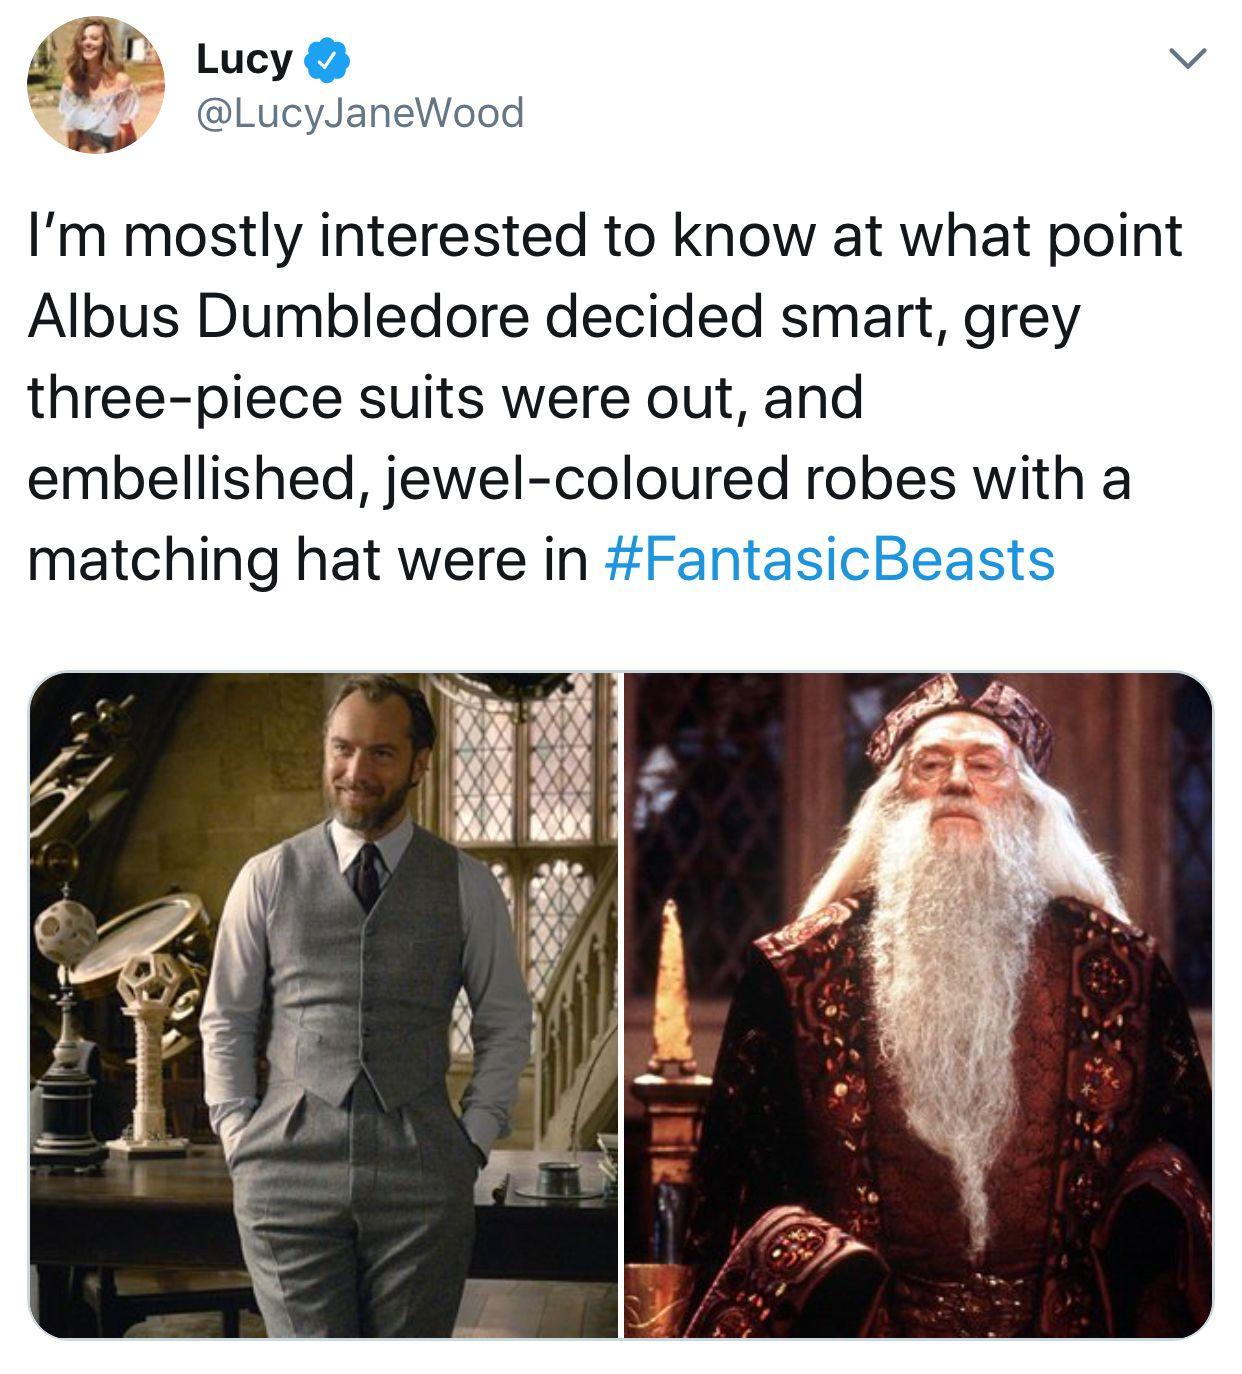 Das Ist Genau Die Frage Die Wir Uns Auch Gestellt Haben Ne Kaja In 2020 Harry Potter Memes Harry Potter Universal Harry Potter Jokes